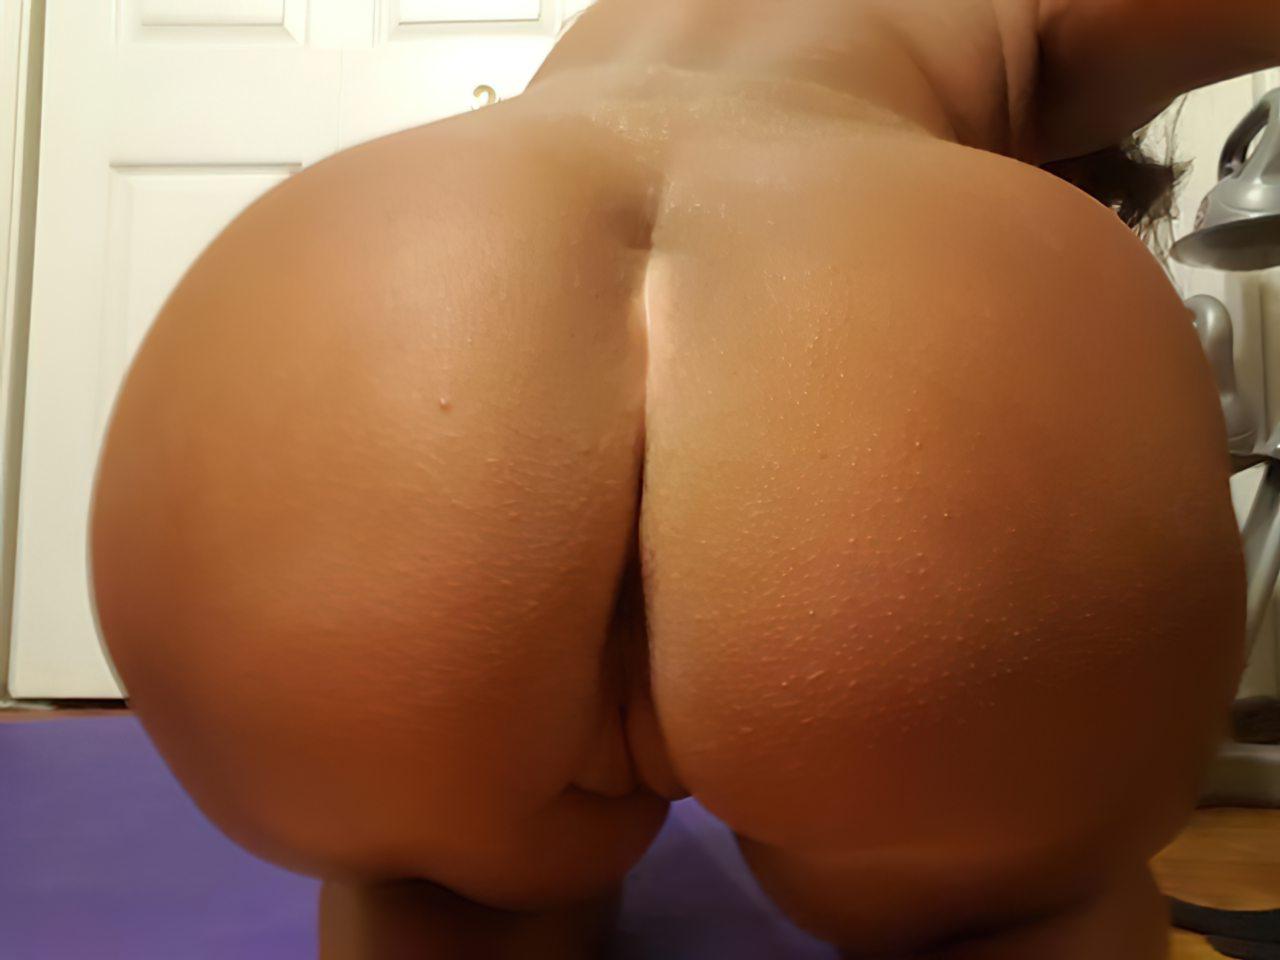 Buceta Amadora Linda (8)